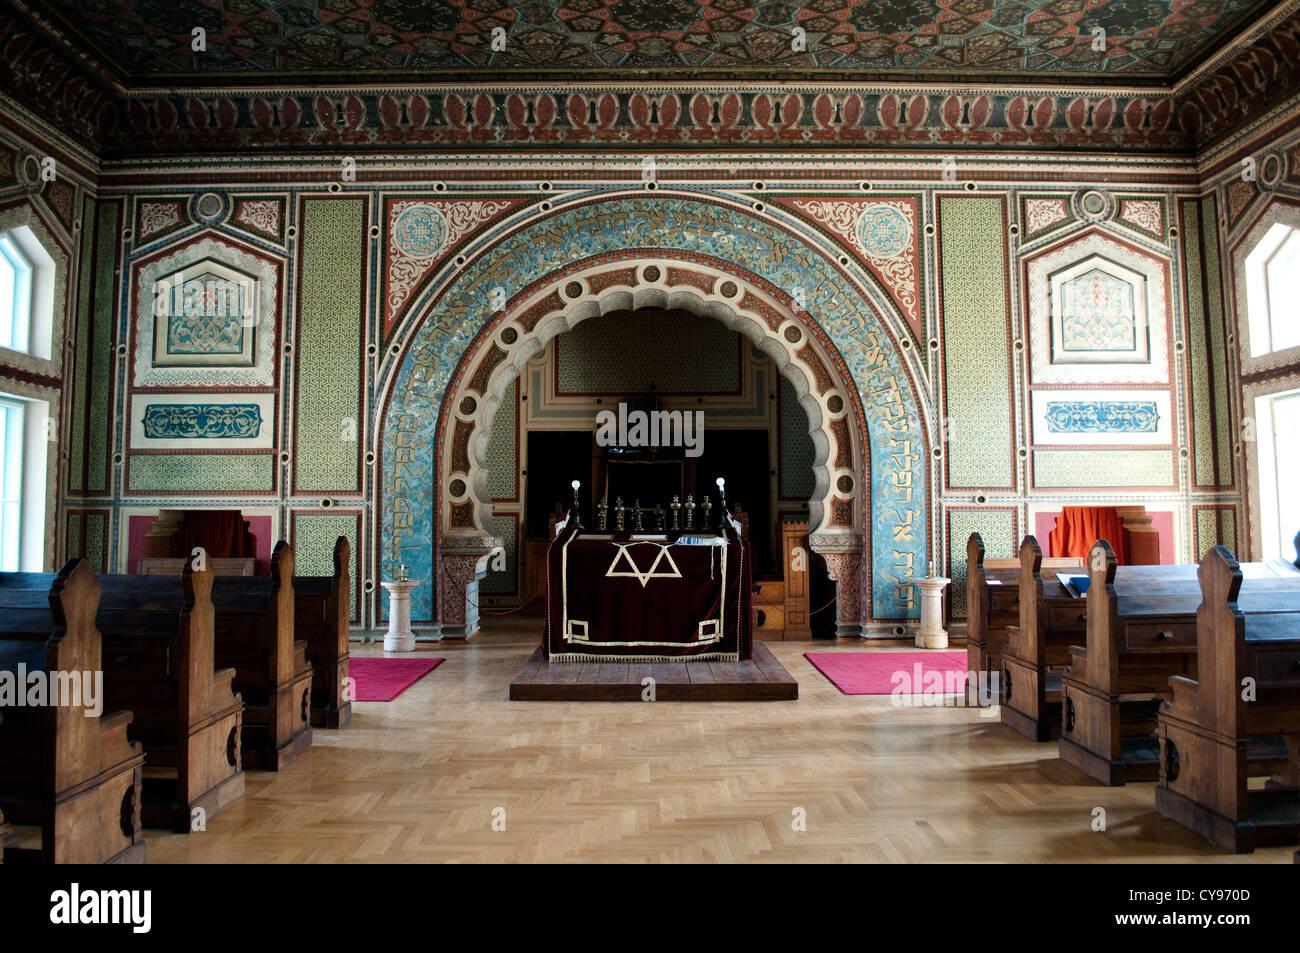 Altar, Ashkenazi synagogue, Sarajevo, Bosnia and Herzegovina - Stock Image